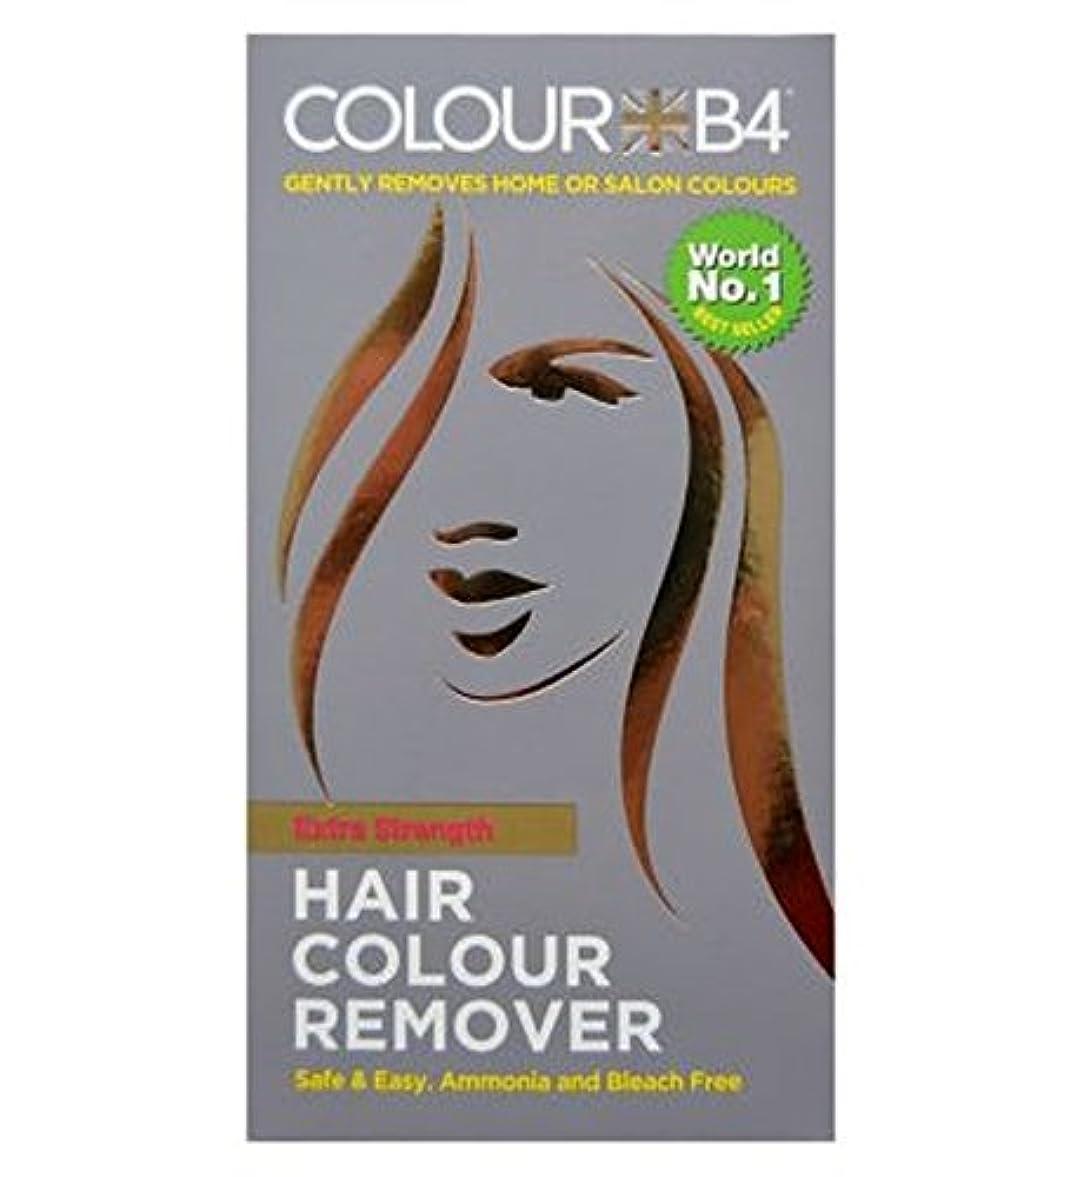 しなやか航海のエジプト人Colour B4. Hair colour remover extra strength - カラーB4。ヘアカラーリムーバー余分な強さ (ColourB4) [並行輸入品]